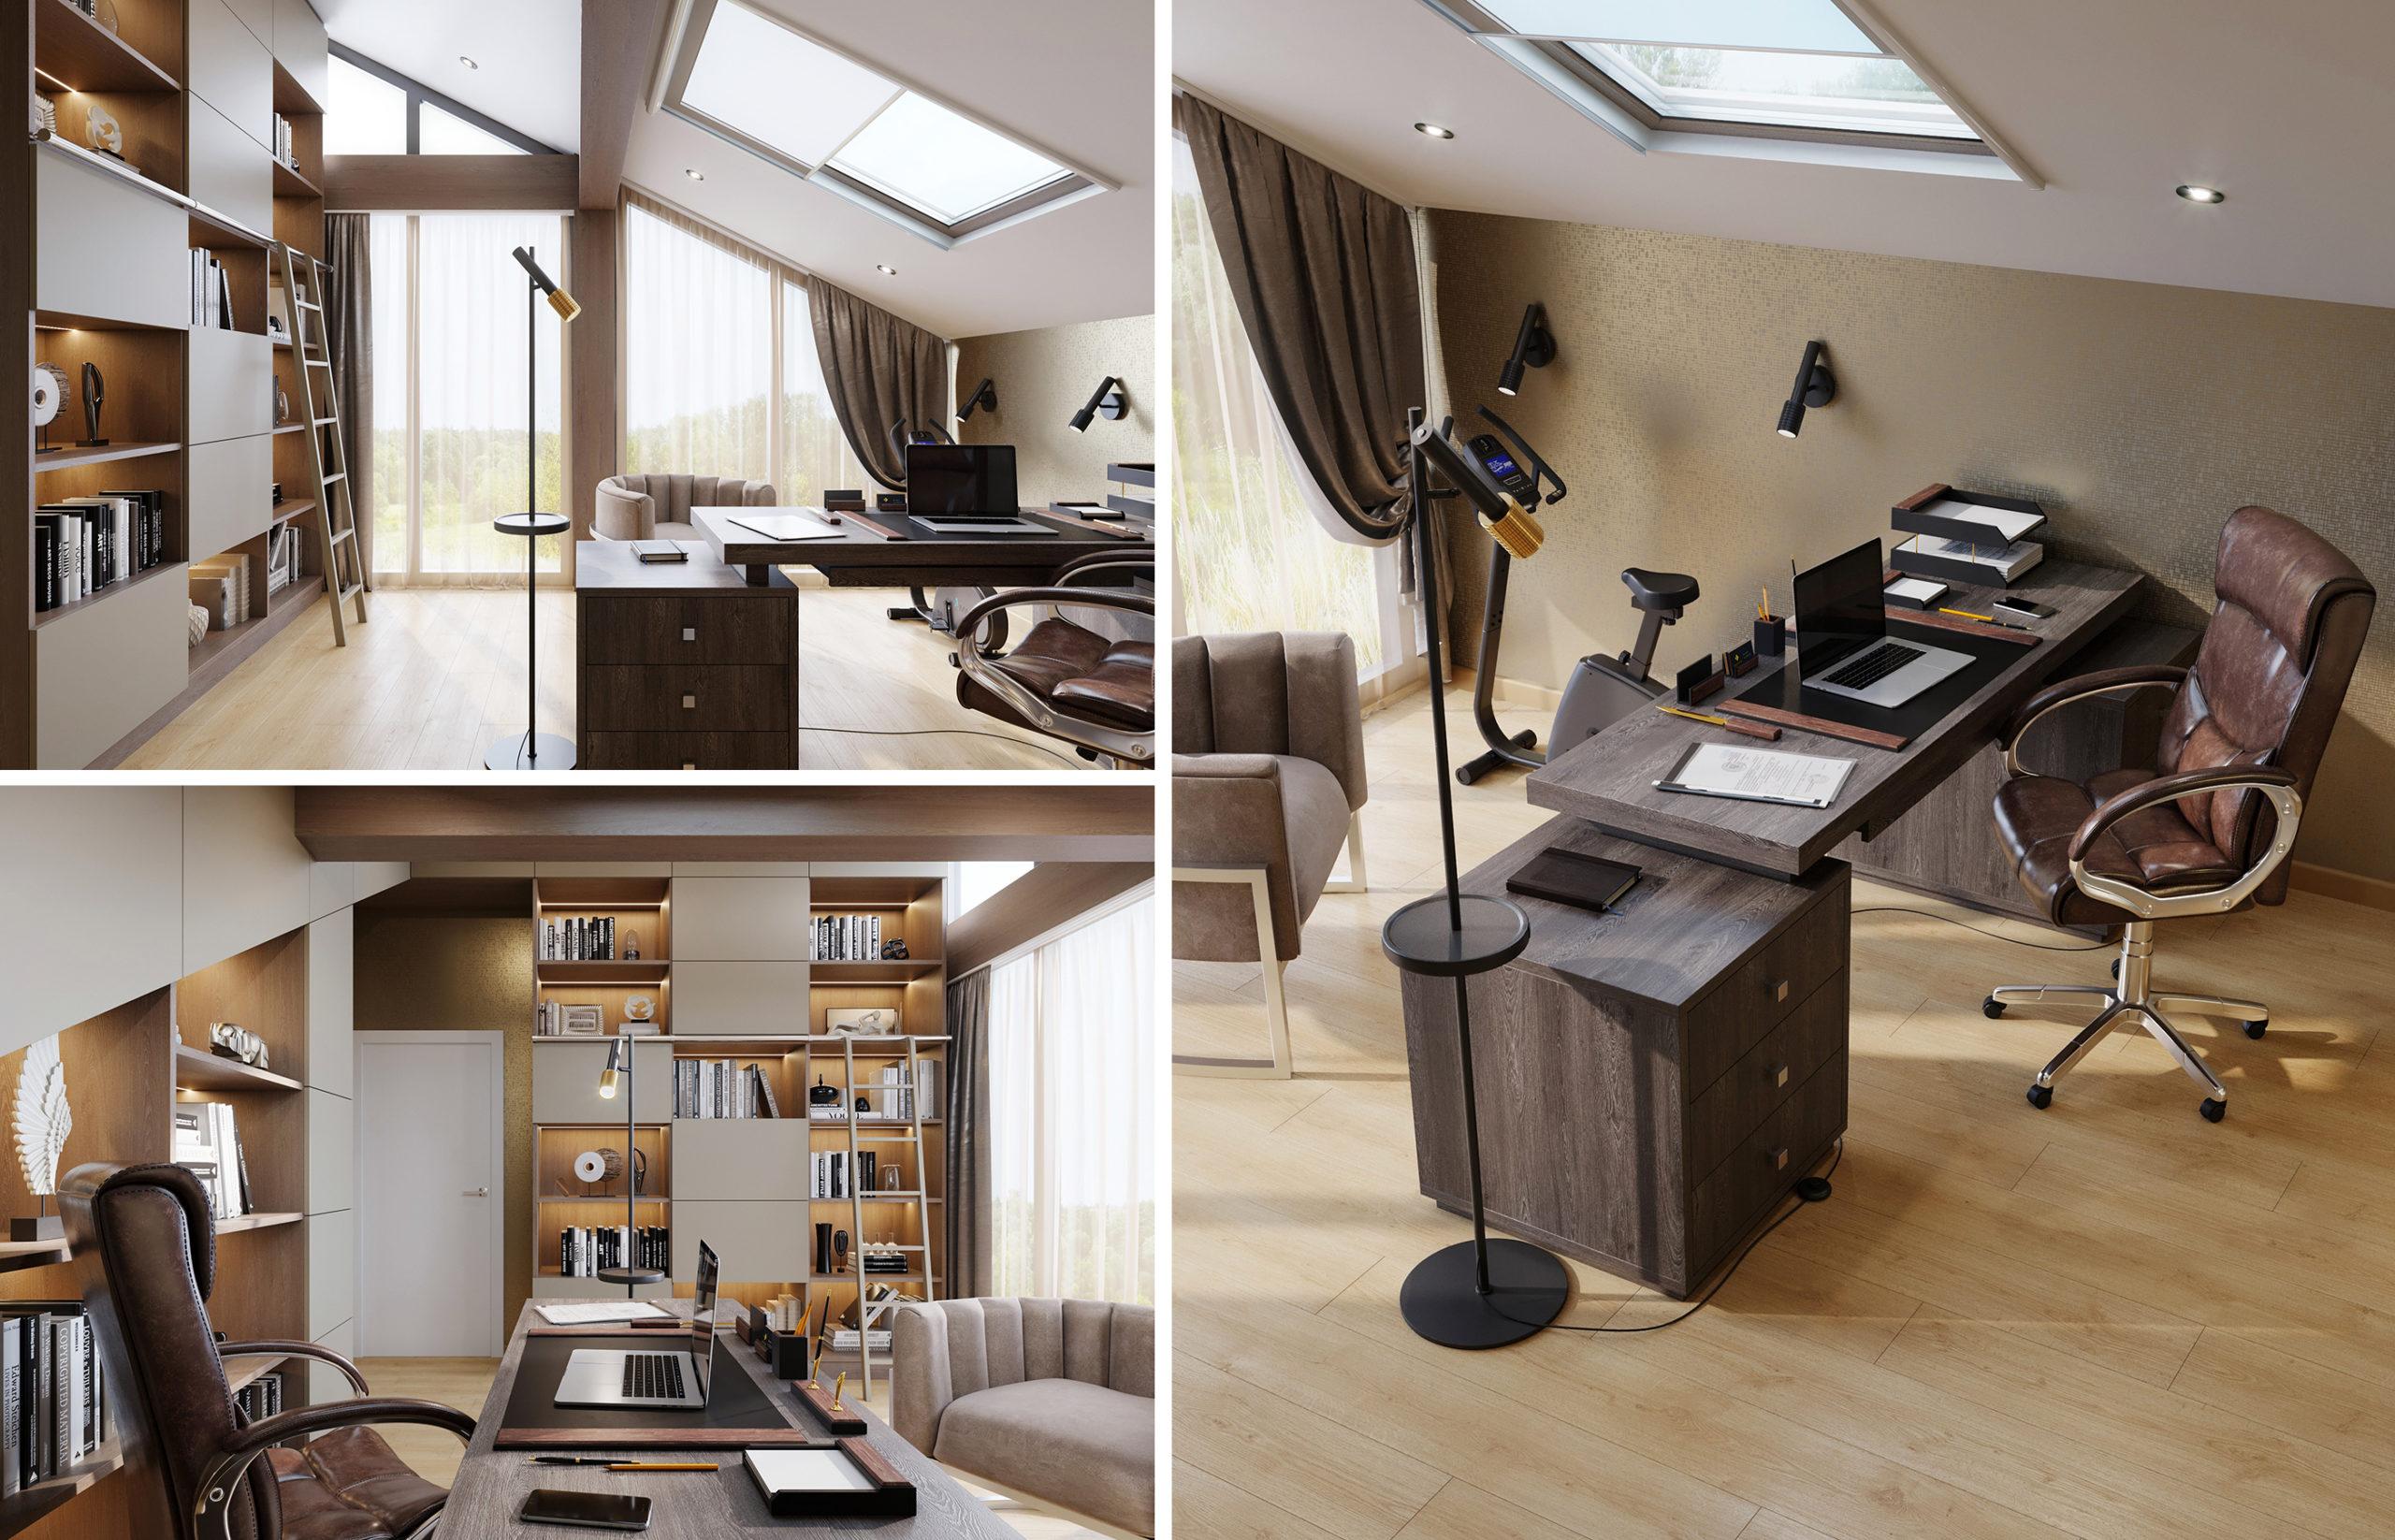 Дизайн интерьера современного кабинета с библиотекой